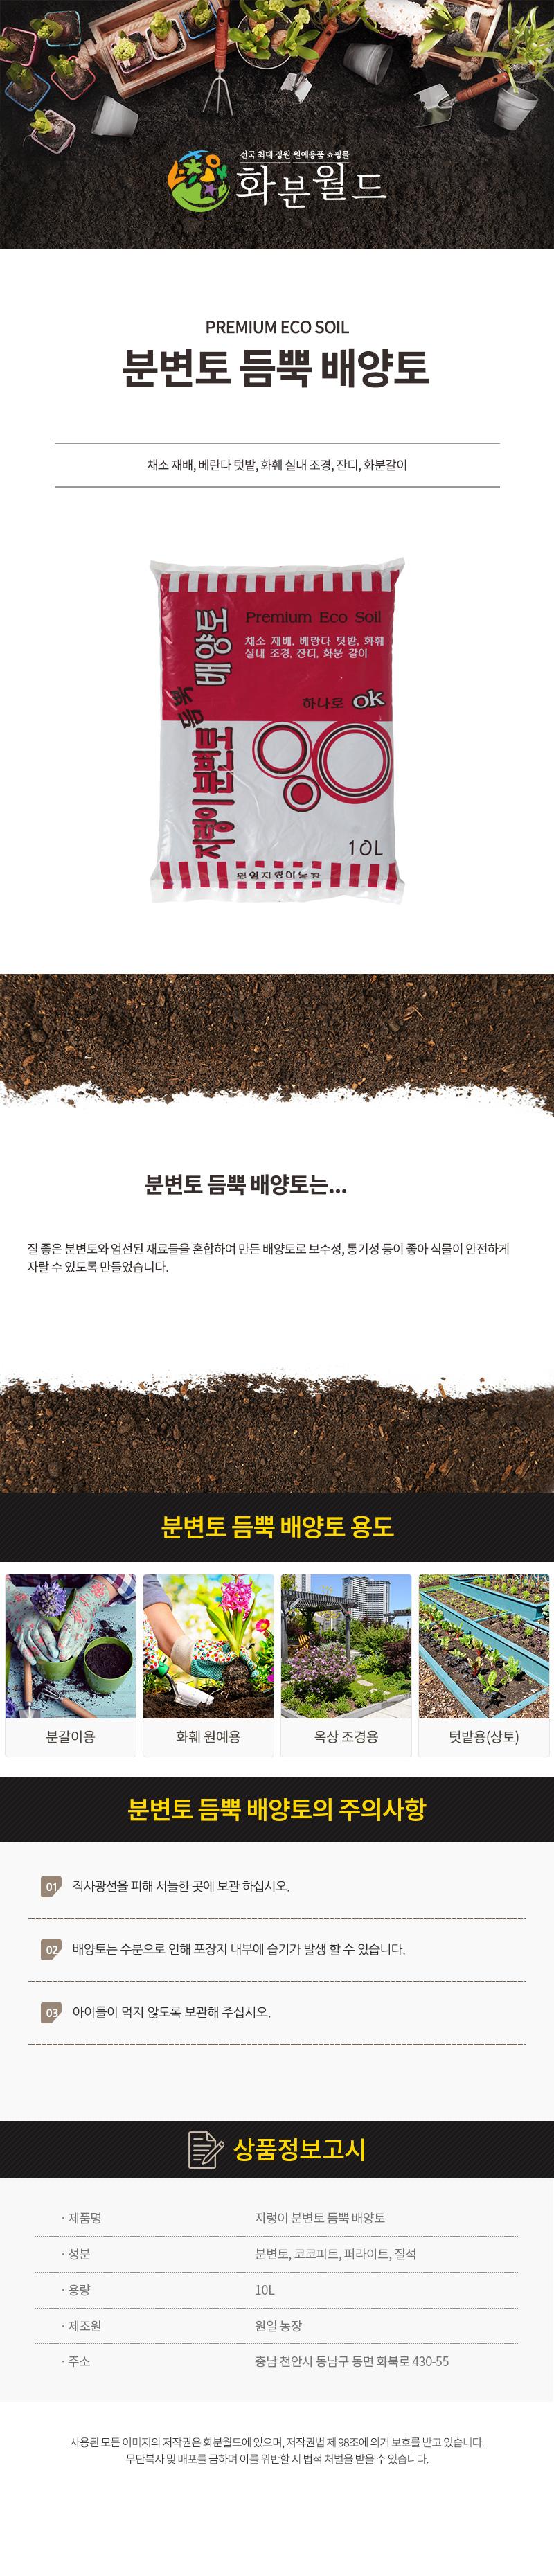 화분월드 분변토 듬뿍 배양토 10L 3개 분갈이흙 지렁이분변토 - 화분월드, 9,900원, 새싹/모종키우기, 흙/비료/영양제